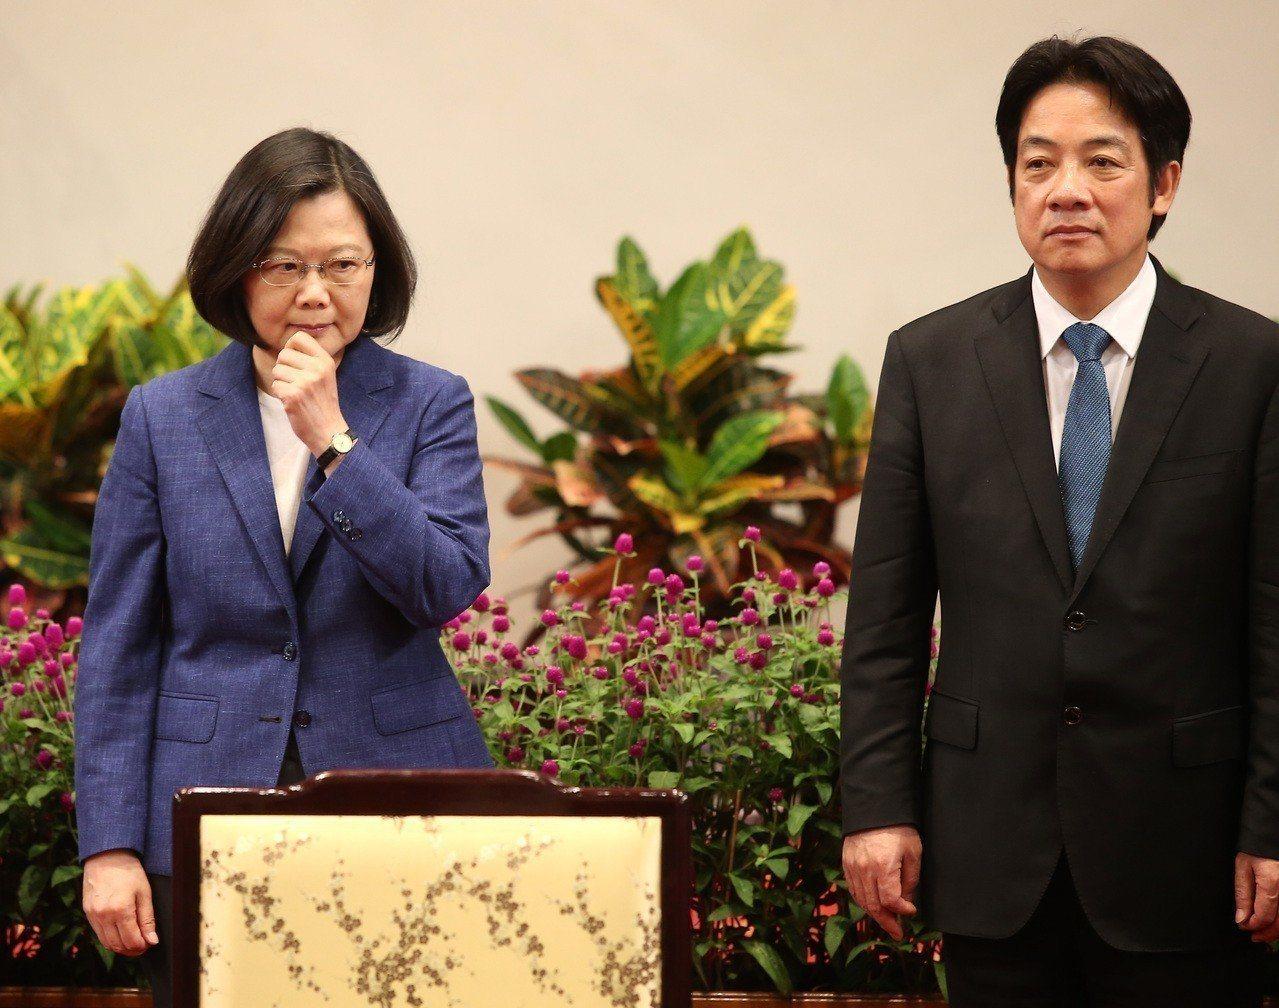 蔡英文、賴清德不約而同針對兩岸議題批評韓國瑜。本報資料照片